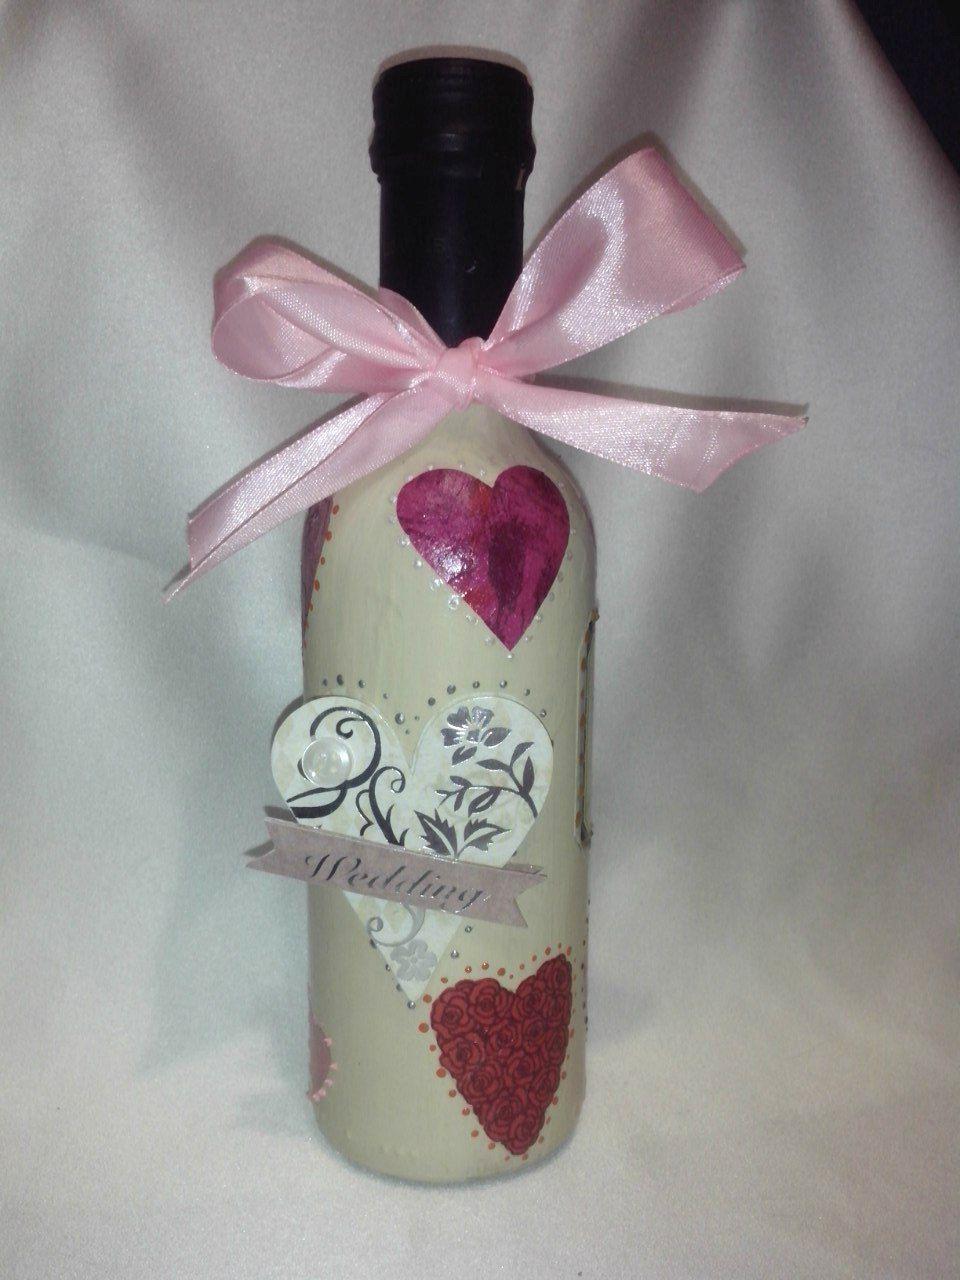 свадьба торжество творчество вино handmade хендмейд украшениебутылки уникальныйподарок ручнаяработа